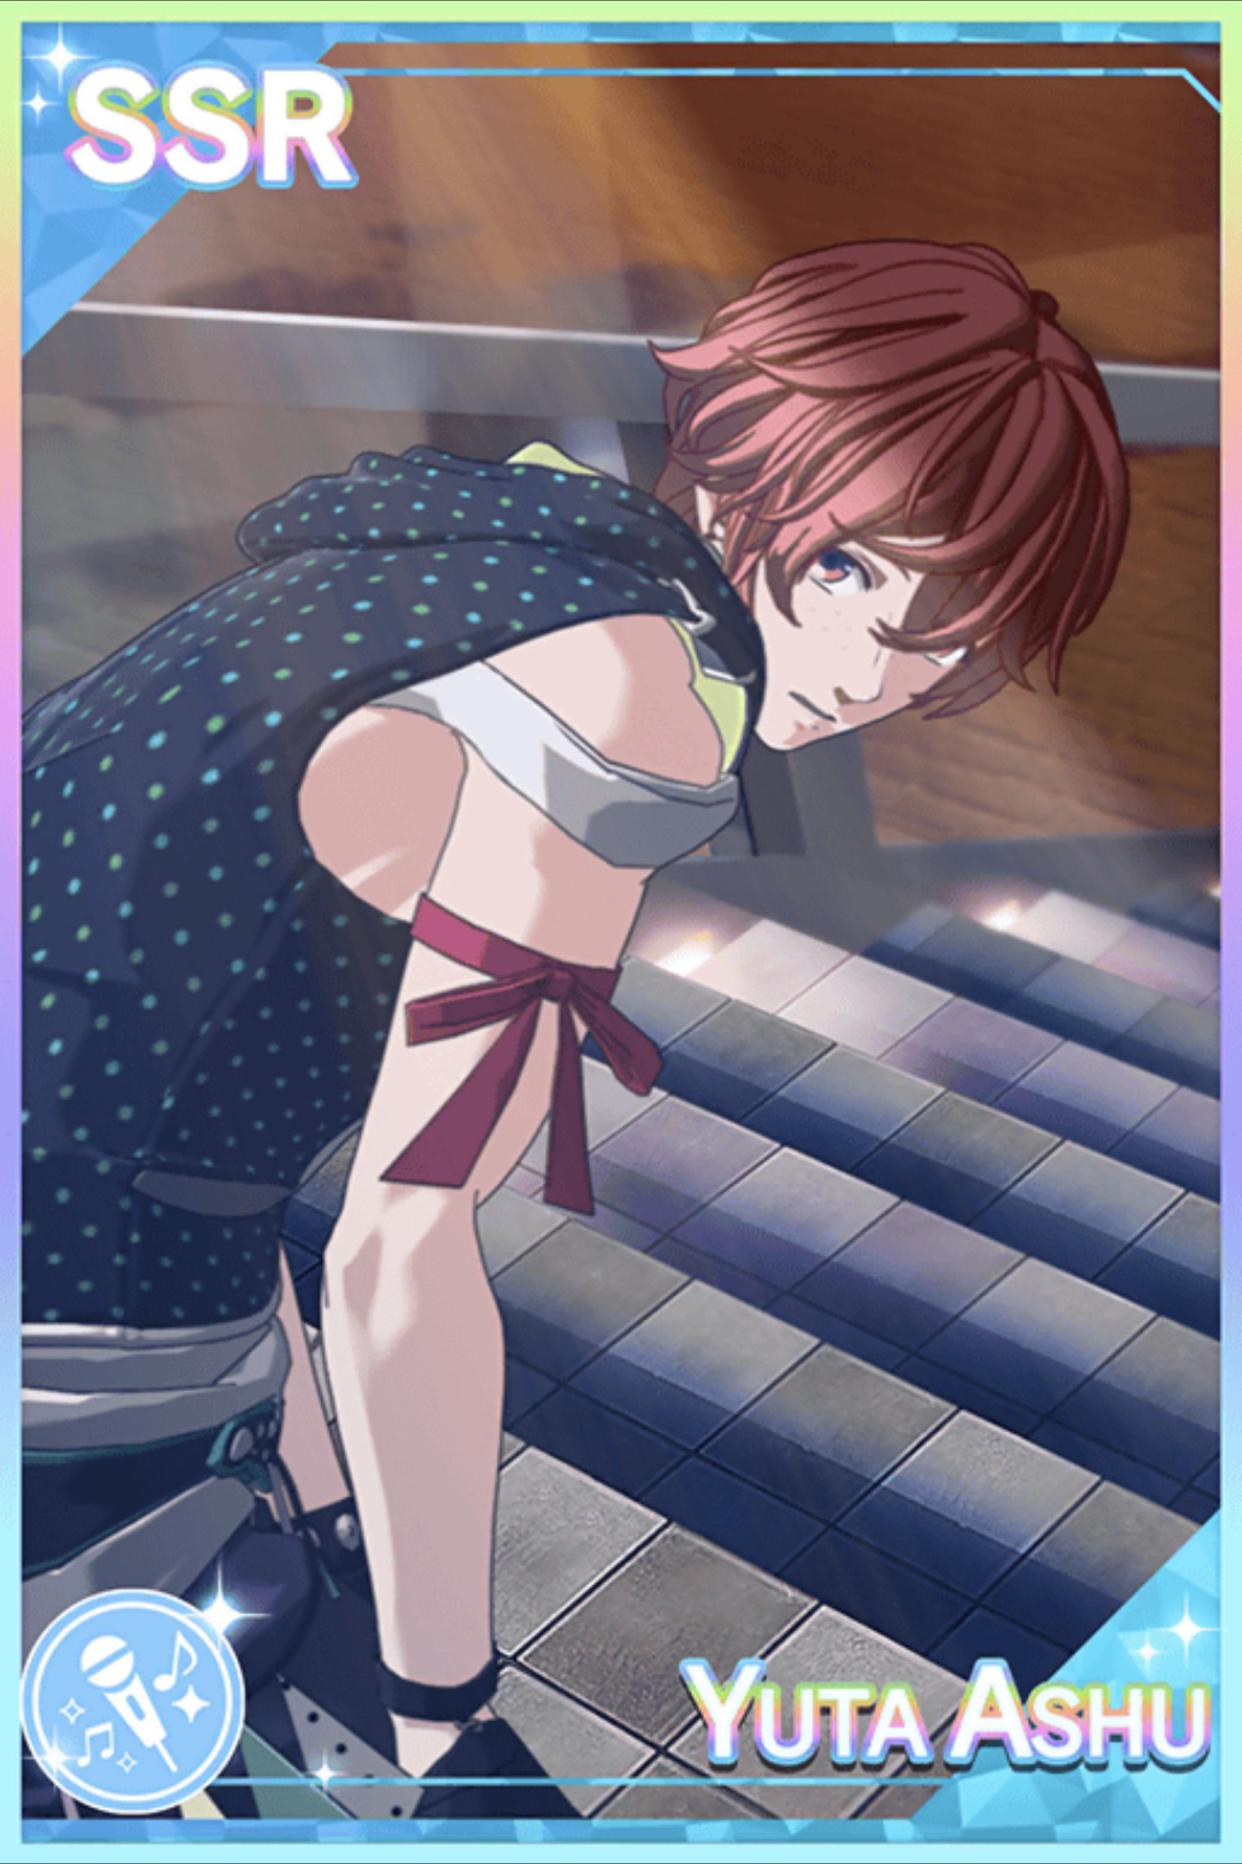 【Kaikan*Everyday OP】Ashu Yuta